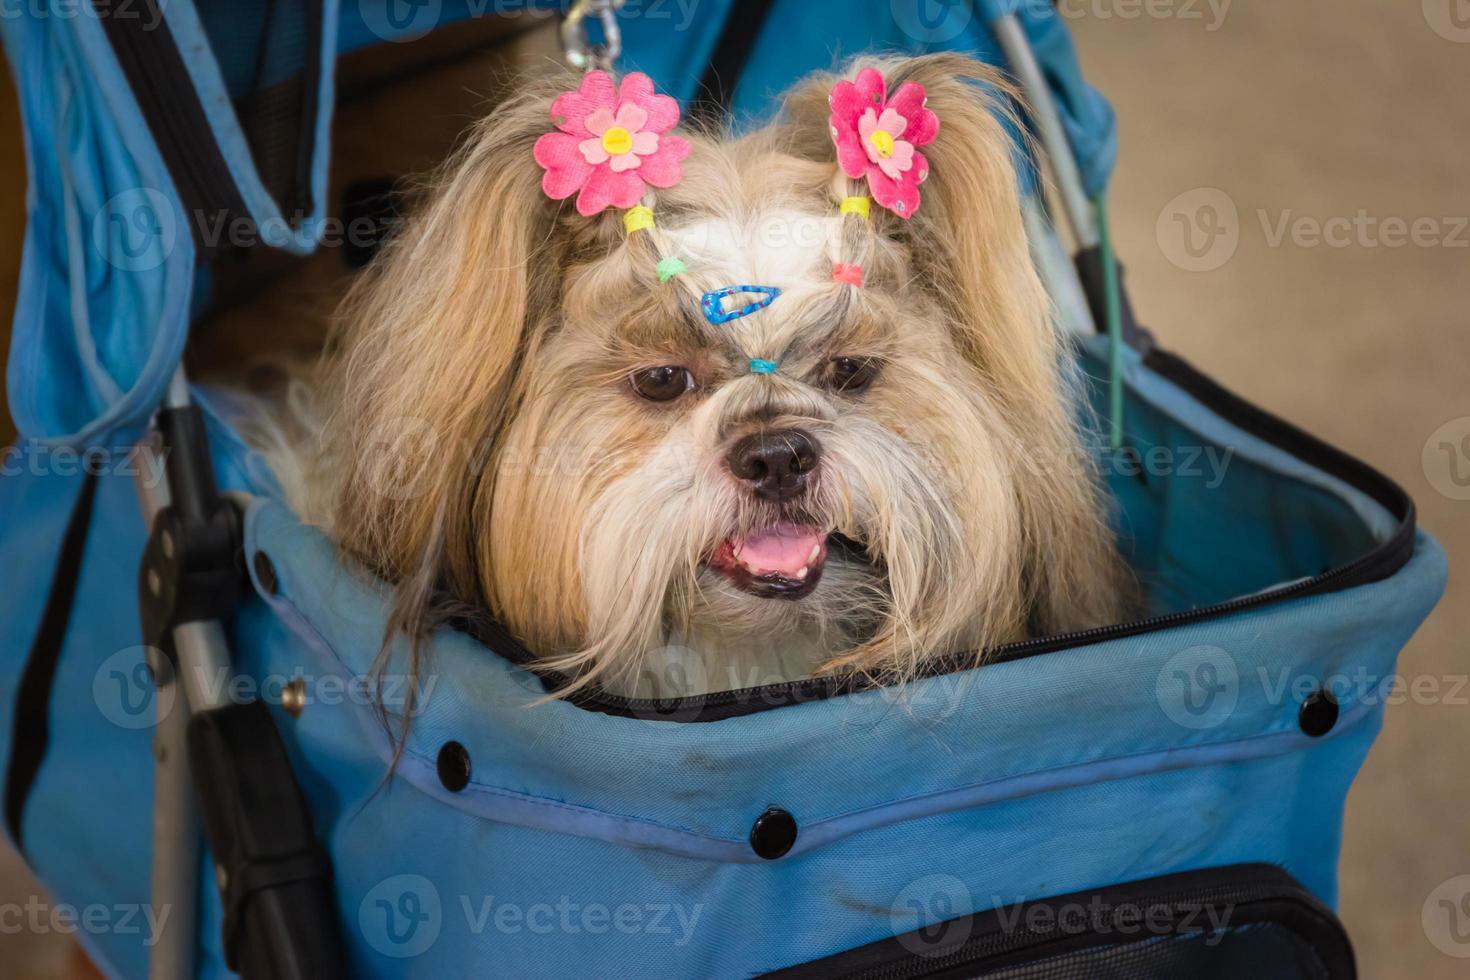 chien shih tzu couché dans une poussette photo